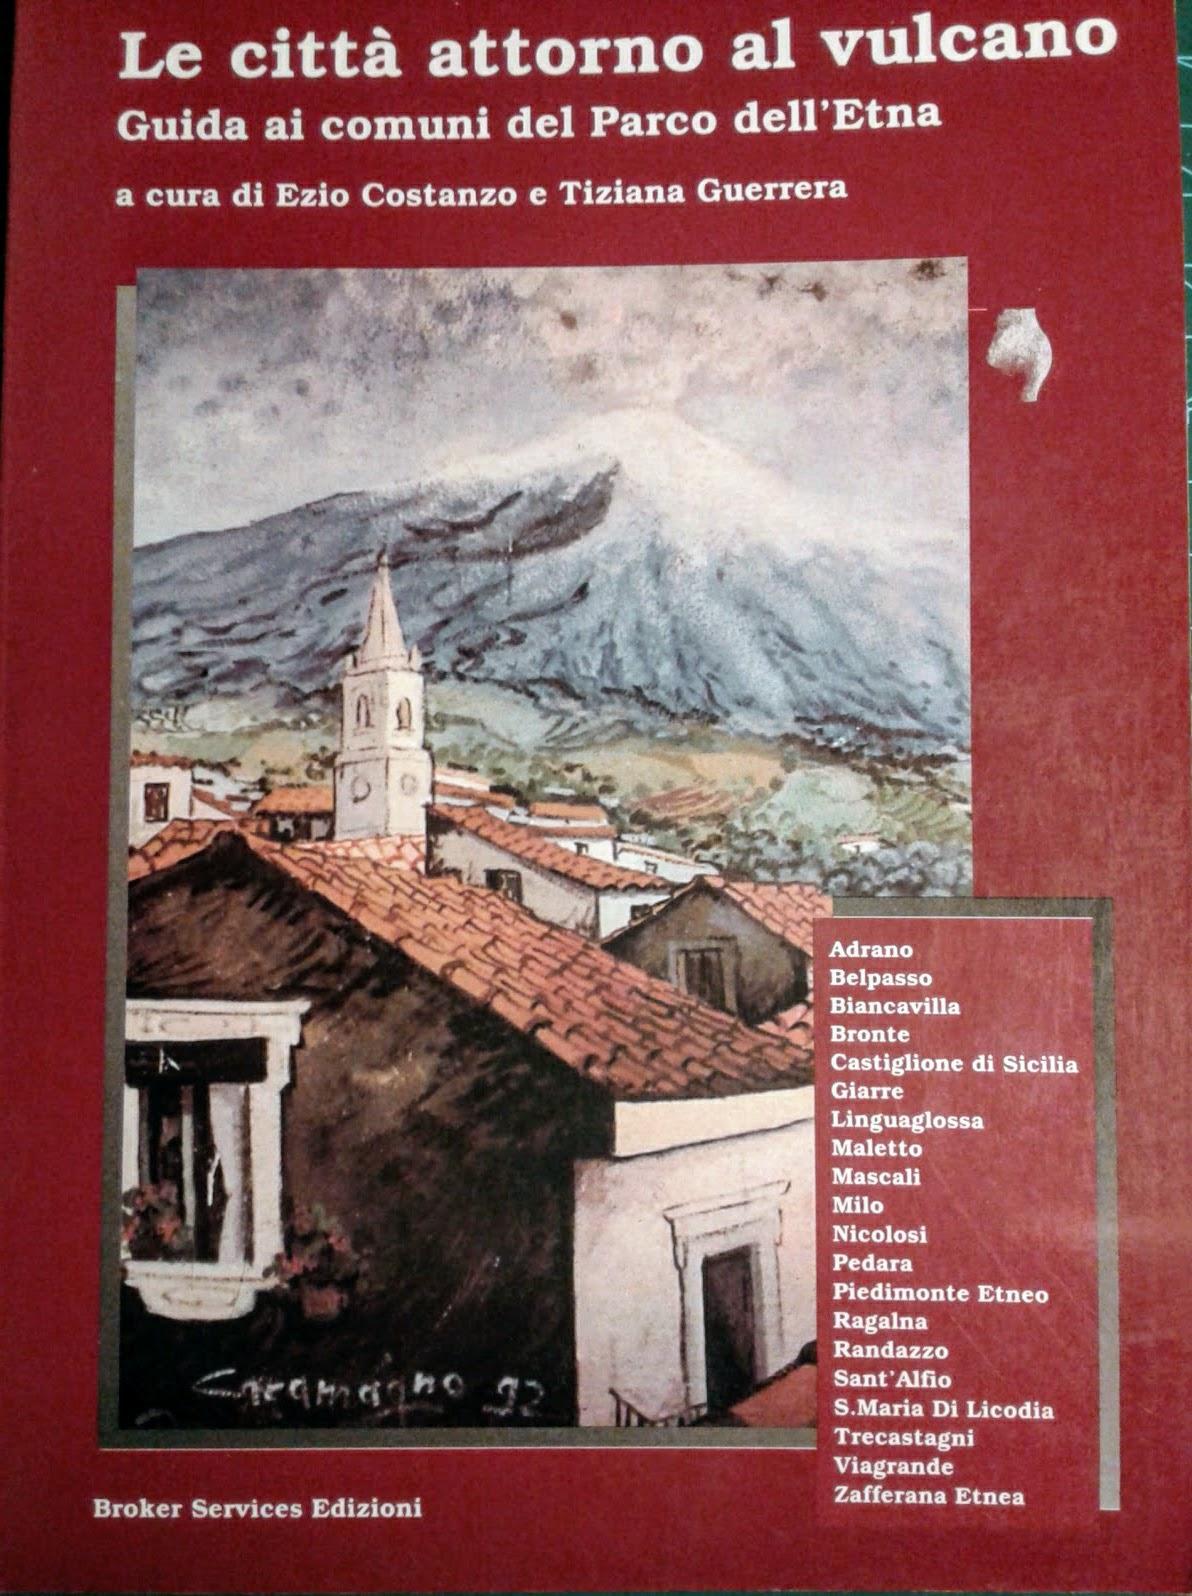 Le città attorno al vulcano